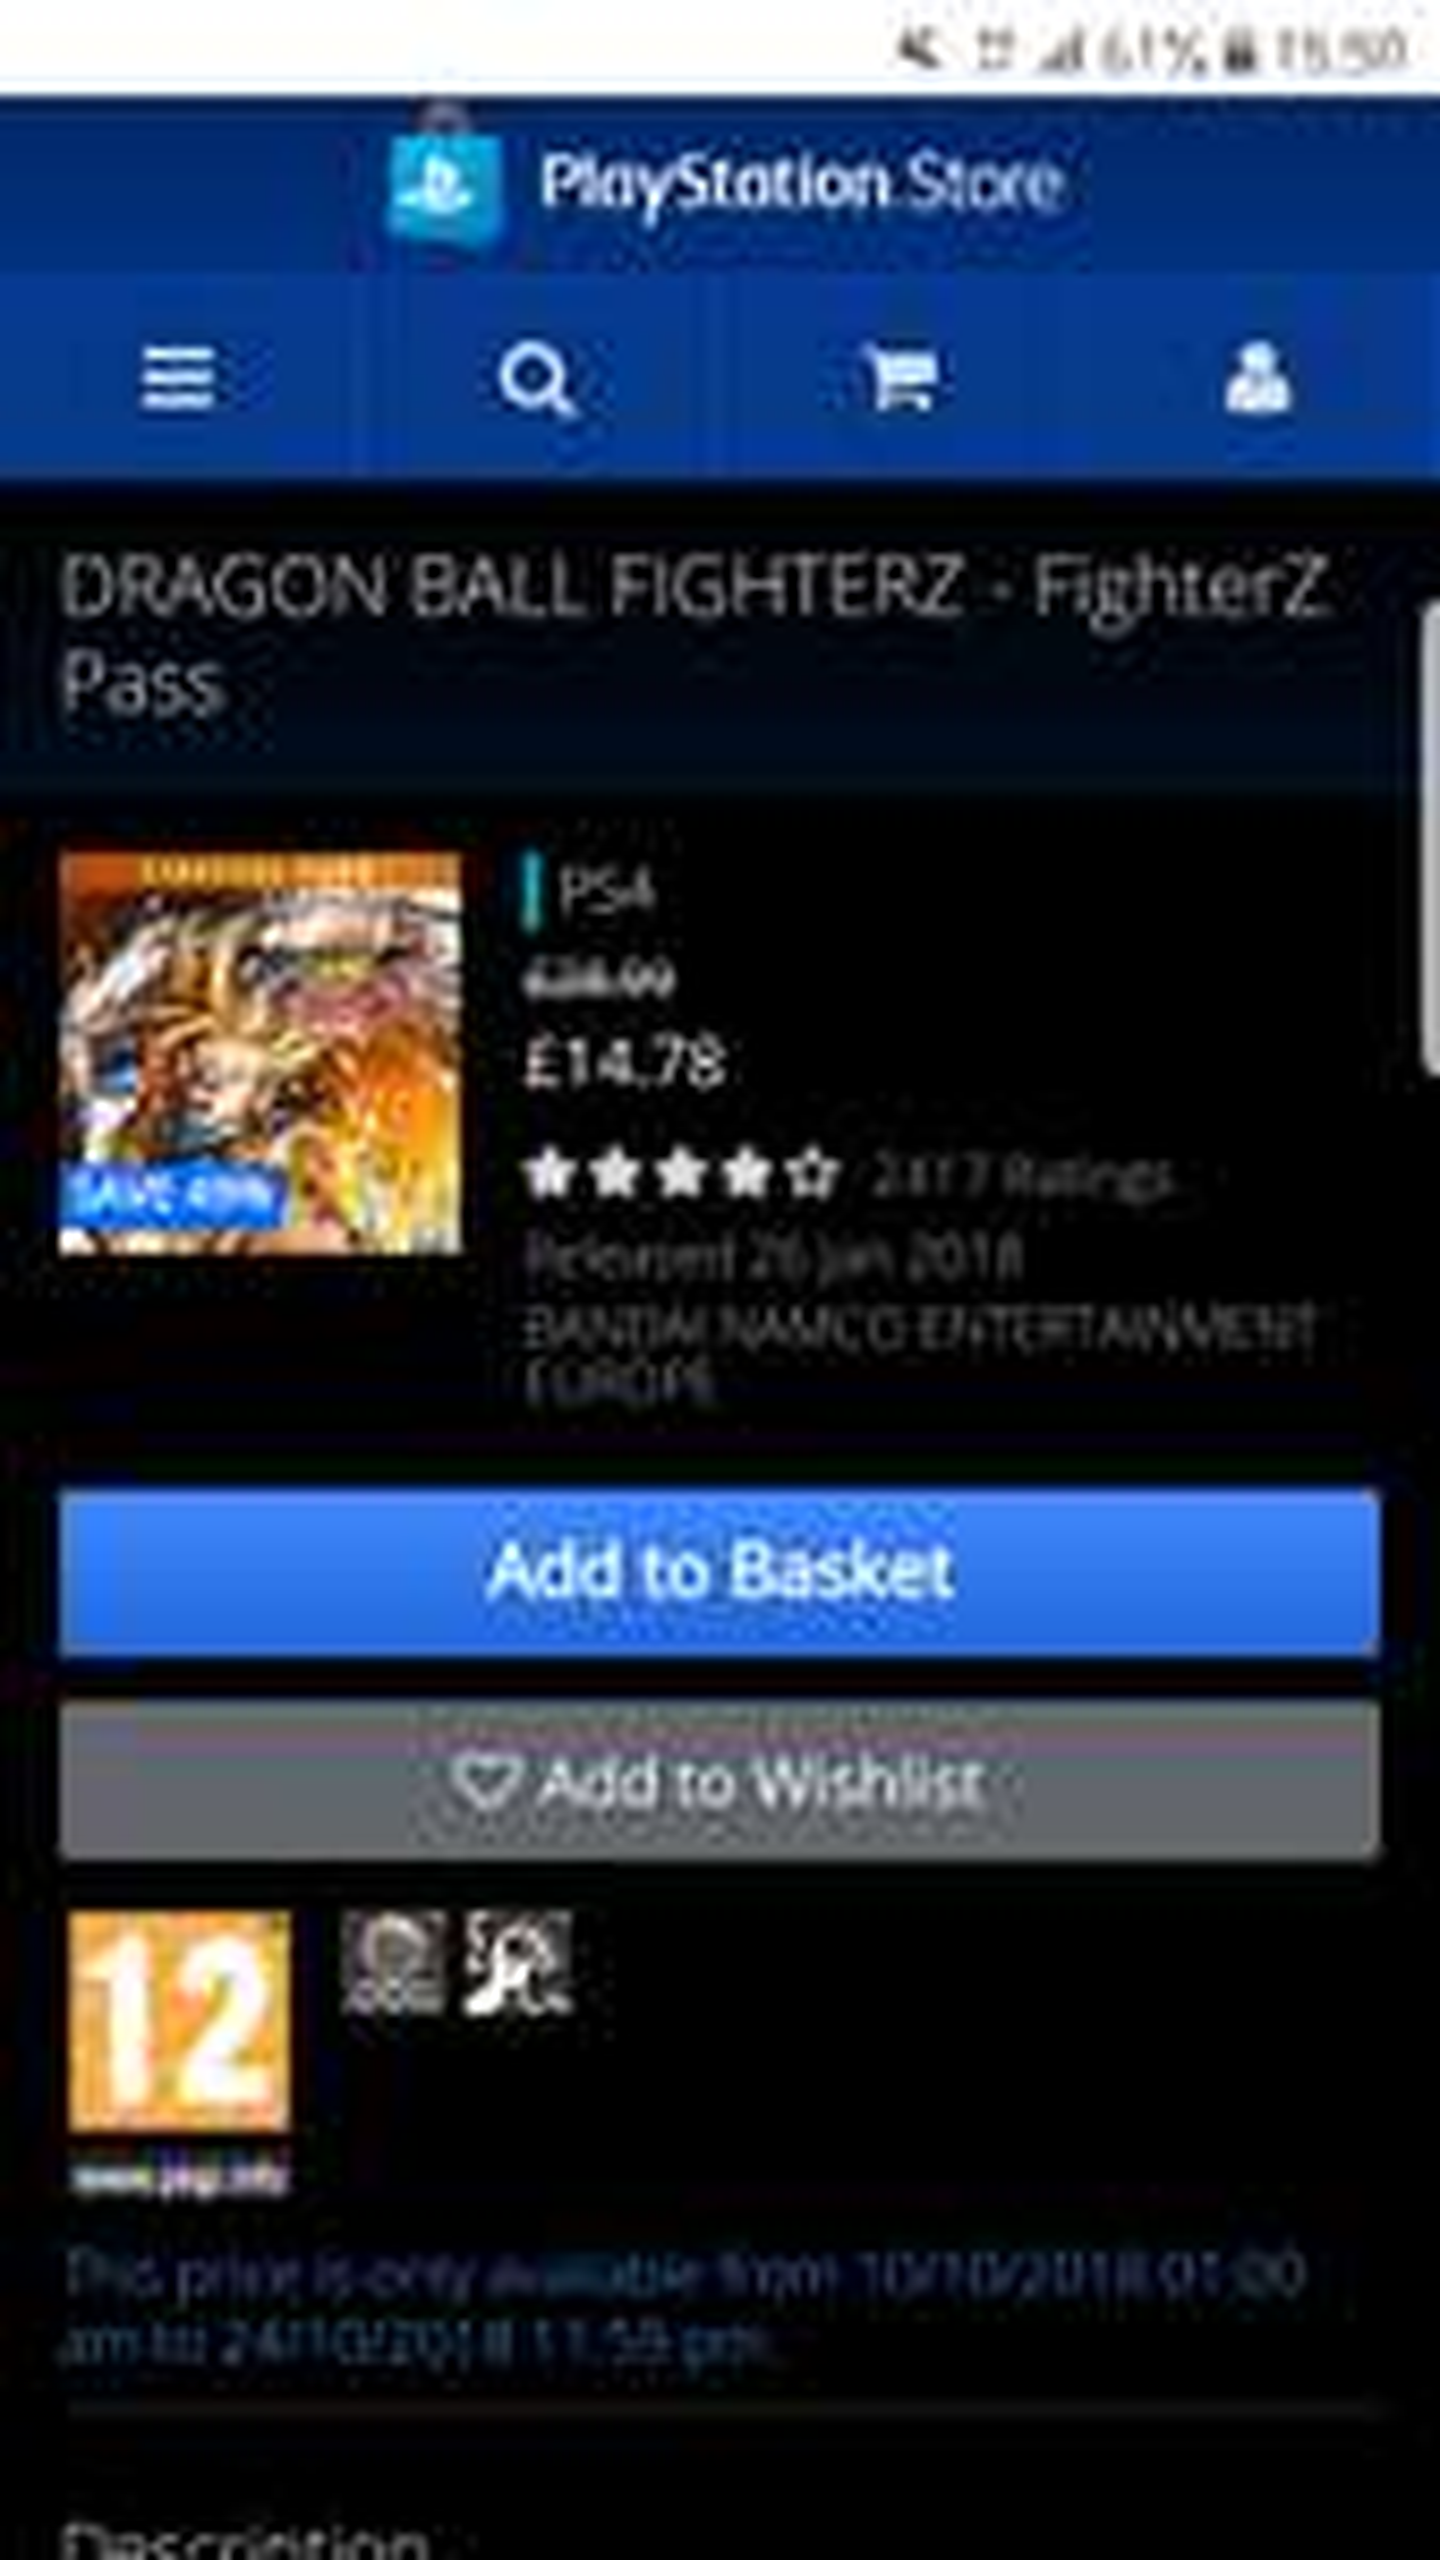 Dragon Ball FighterZ Pass £14.78 @ PSN